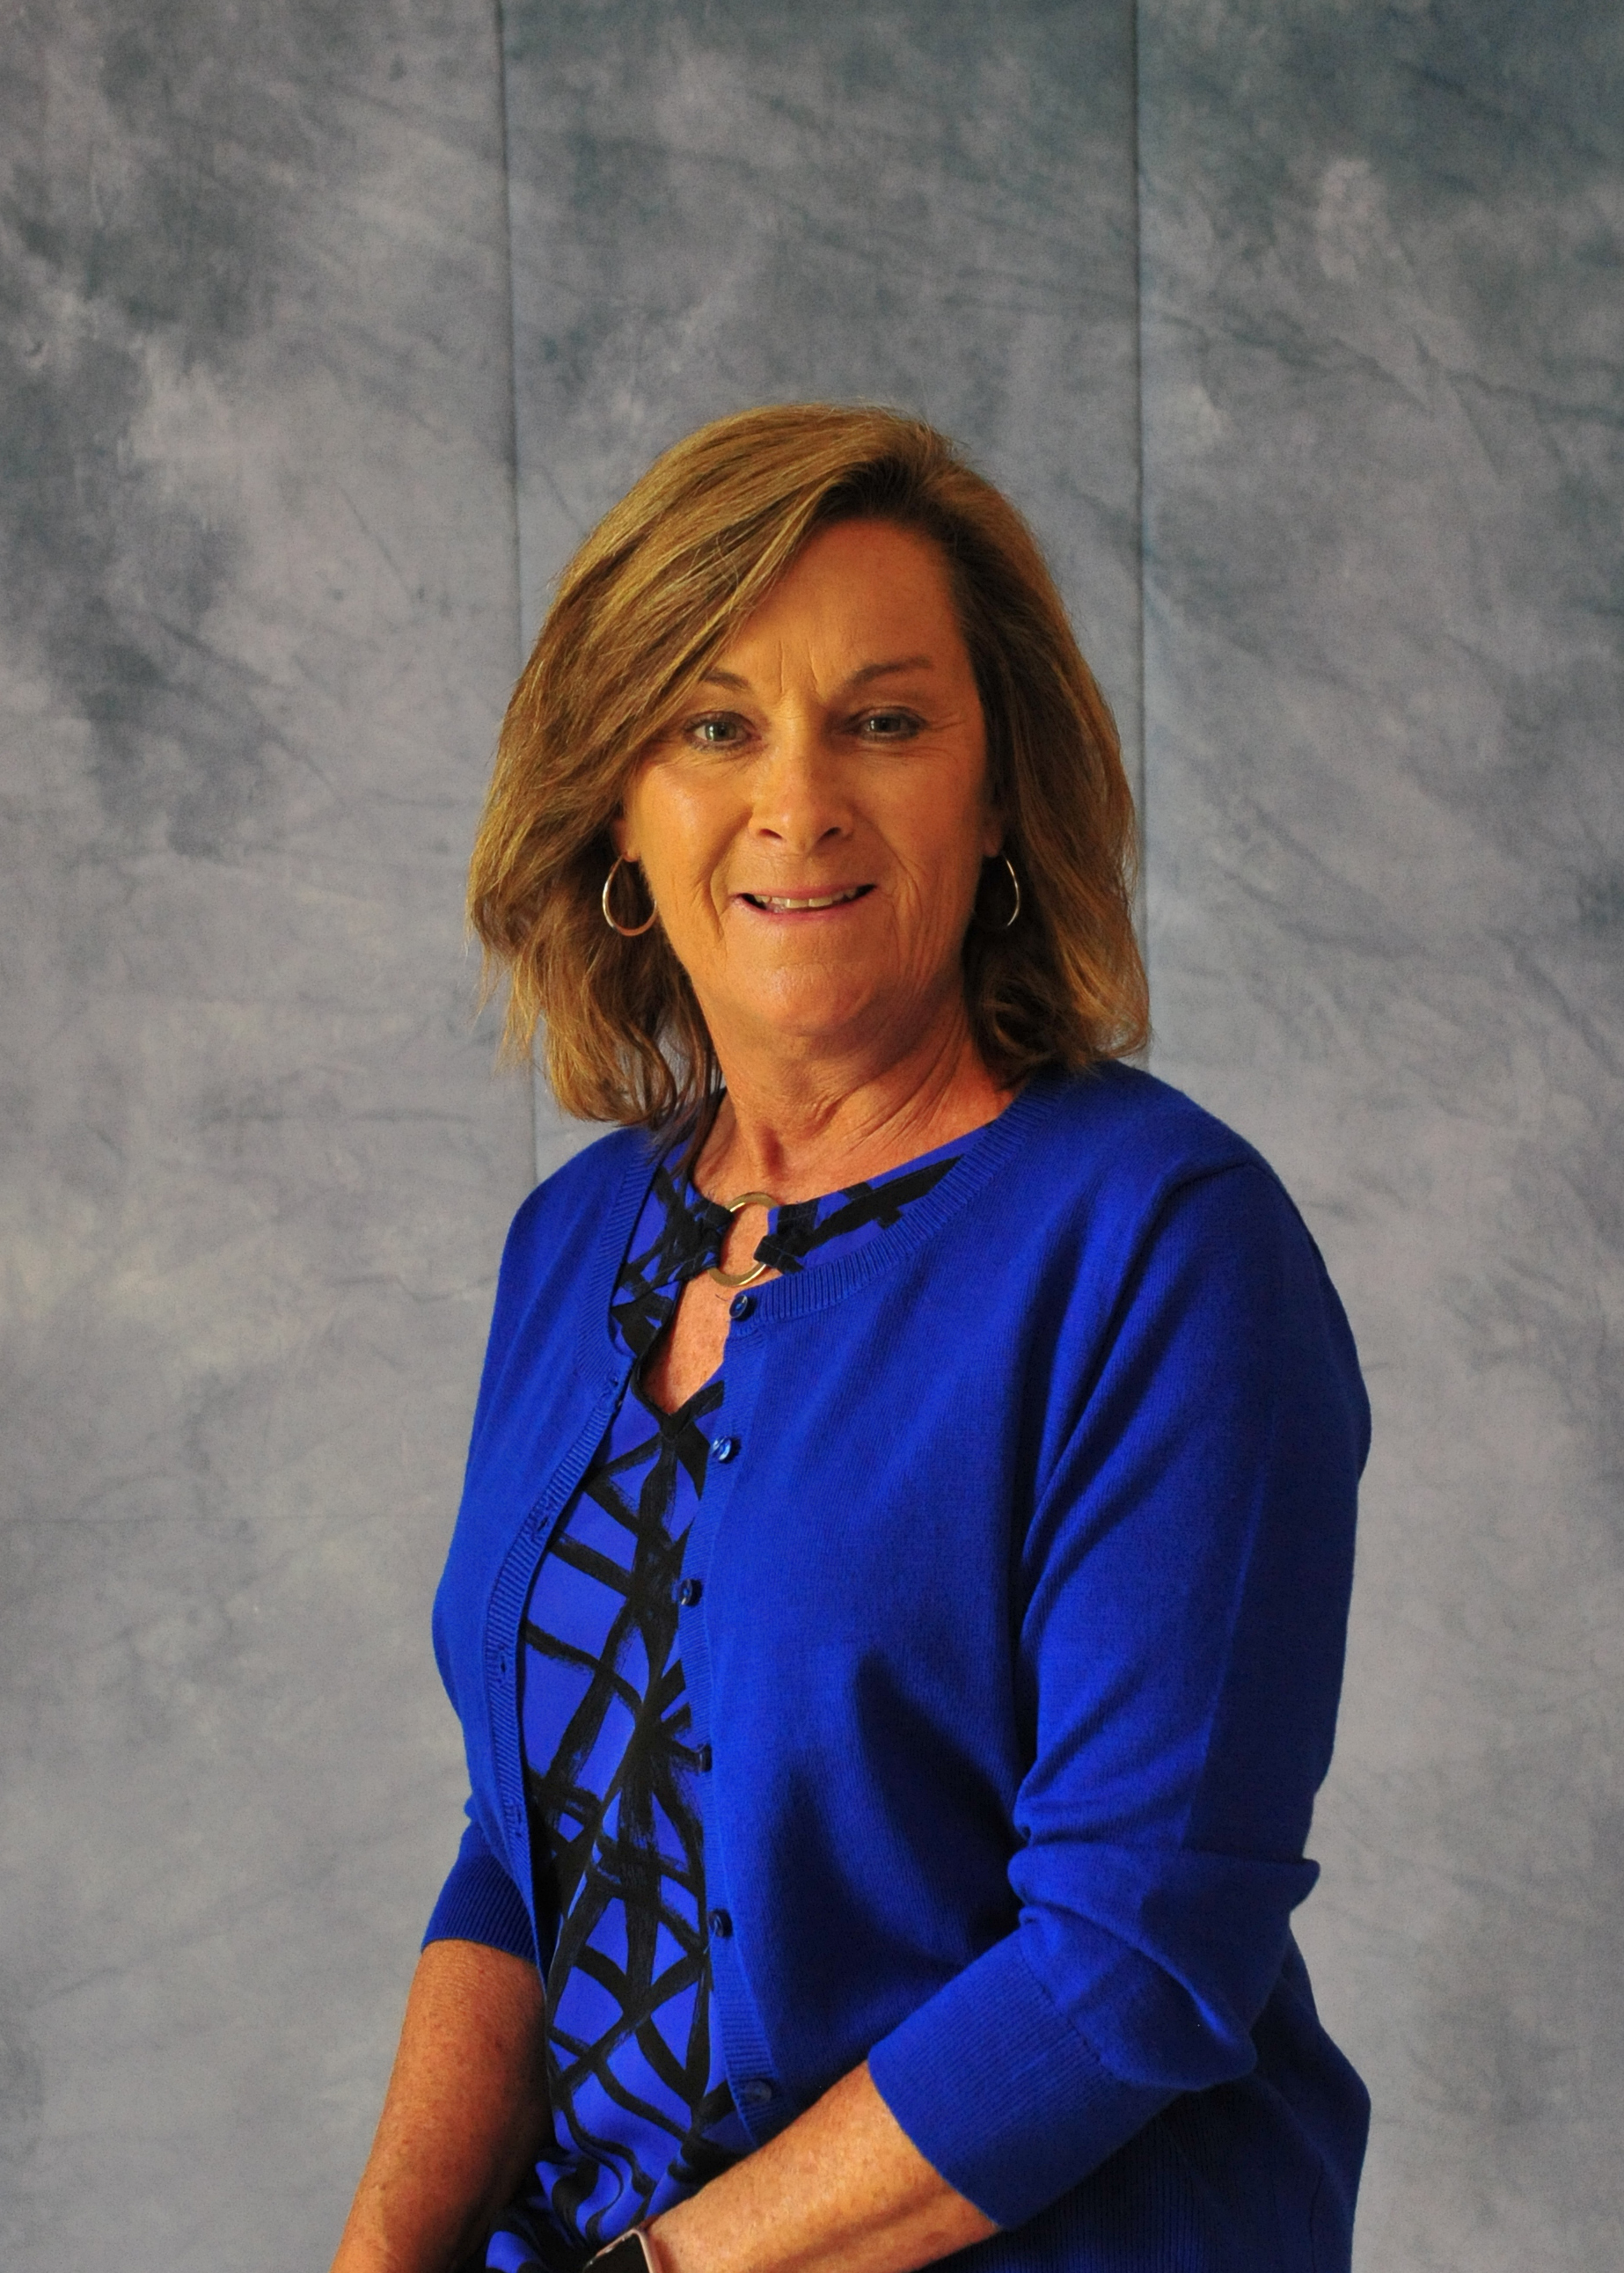 Lori Adams